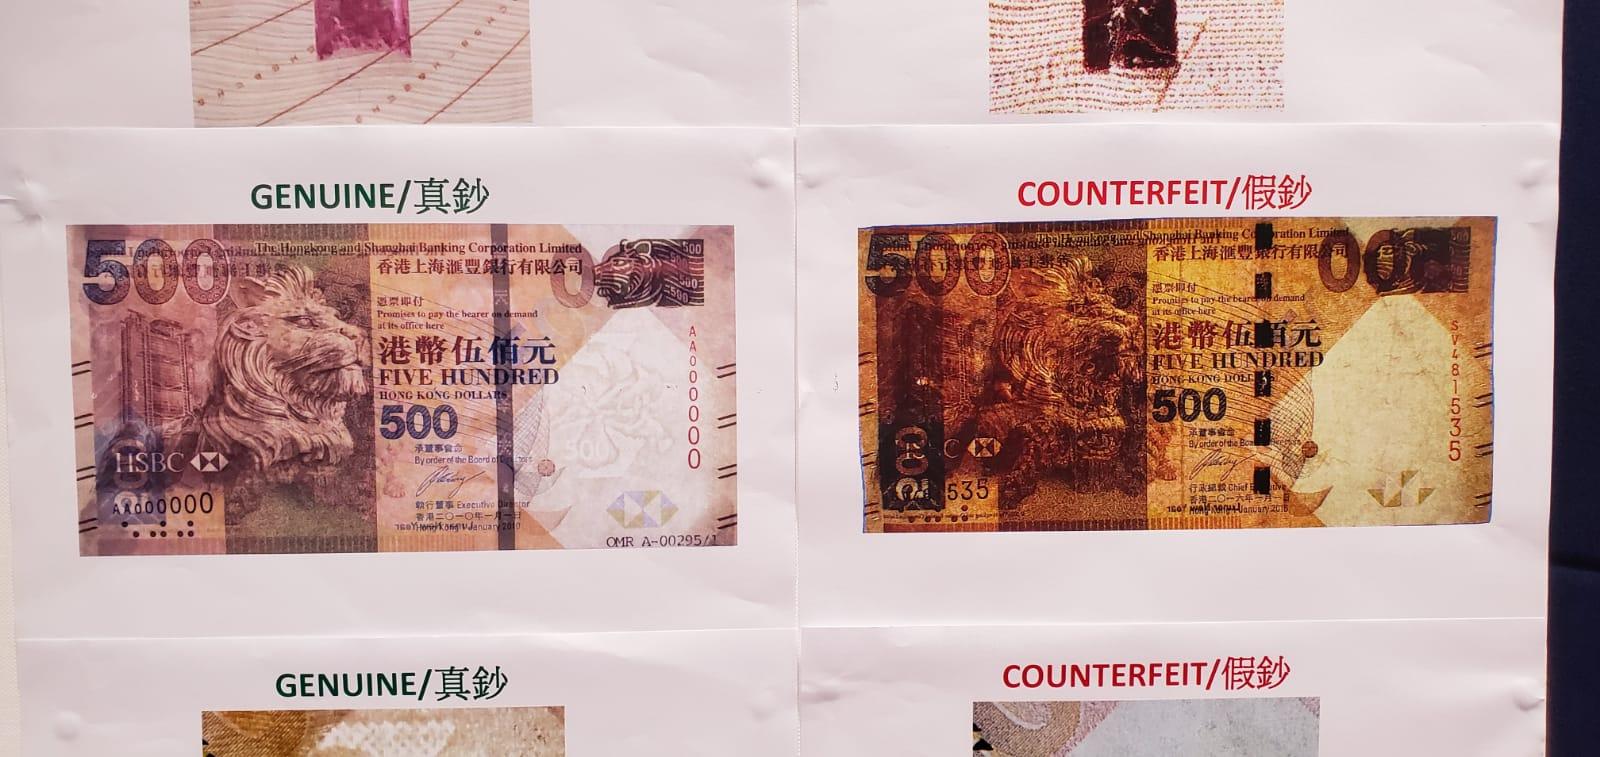 警方展示真伪钞票的仿伪特徵。